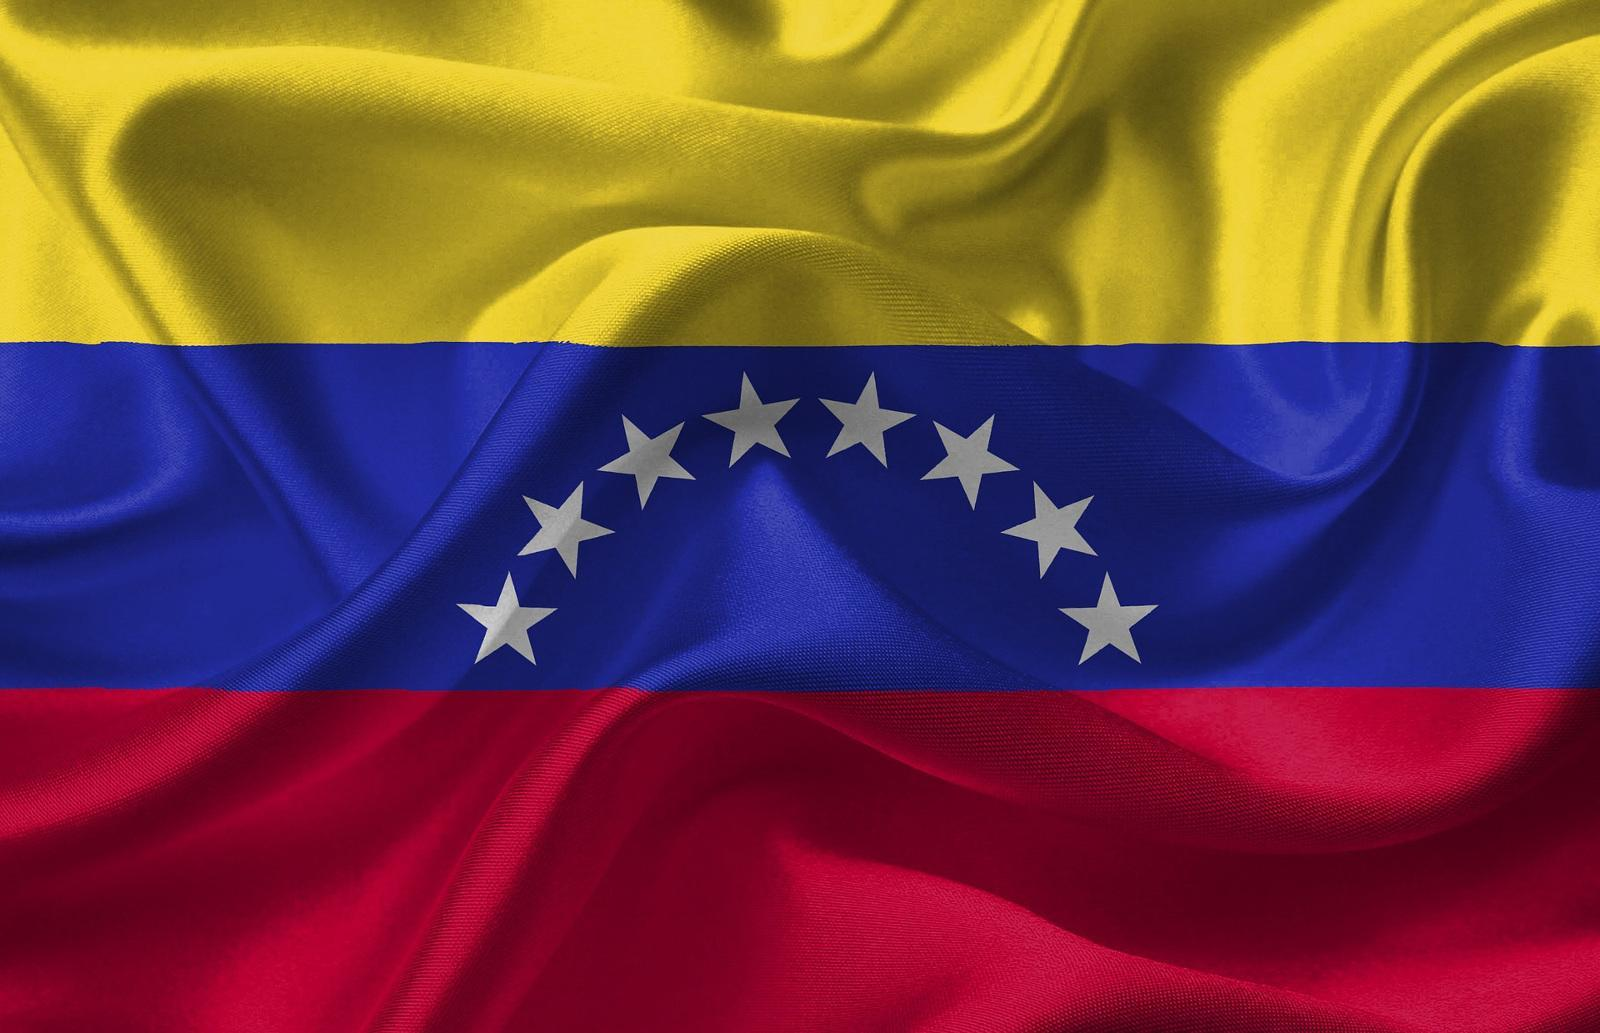 Cómo ayudar a venezolanos en dificultades